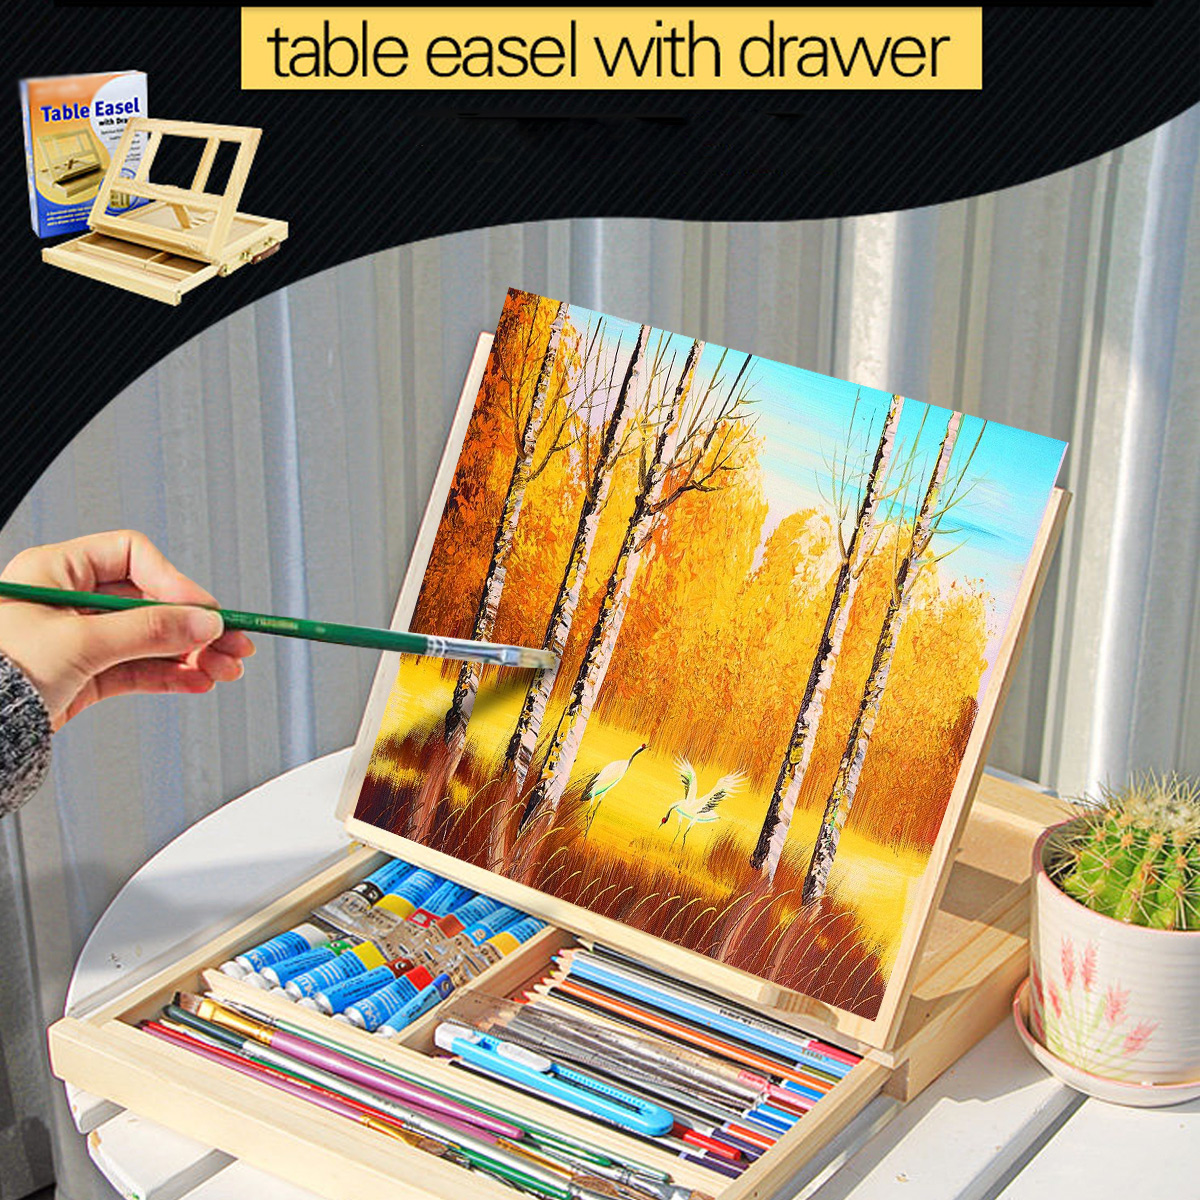 Réglable artiste chevalet dessin peinture bois Table esquisse boîte conseil bureau peinture fournitures chevalets accessoires